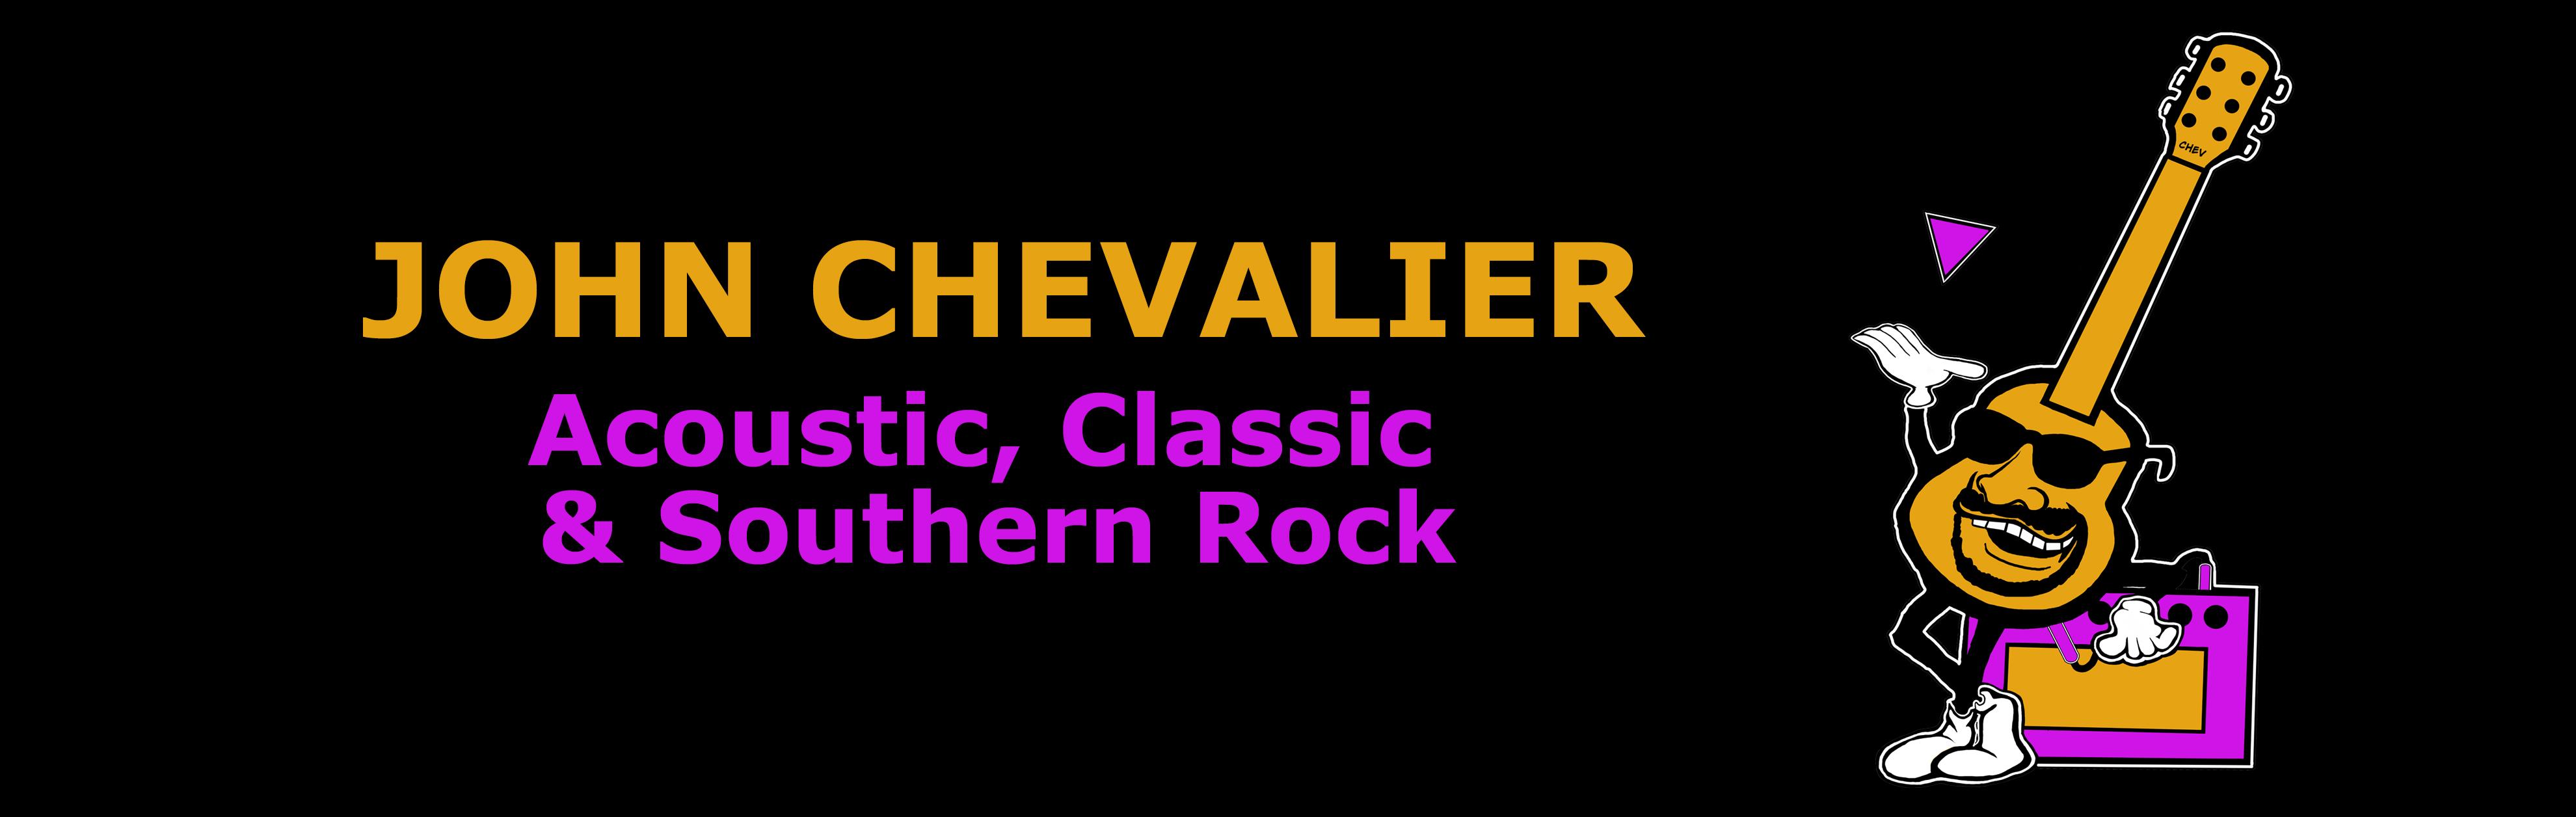 jchevmusic.com